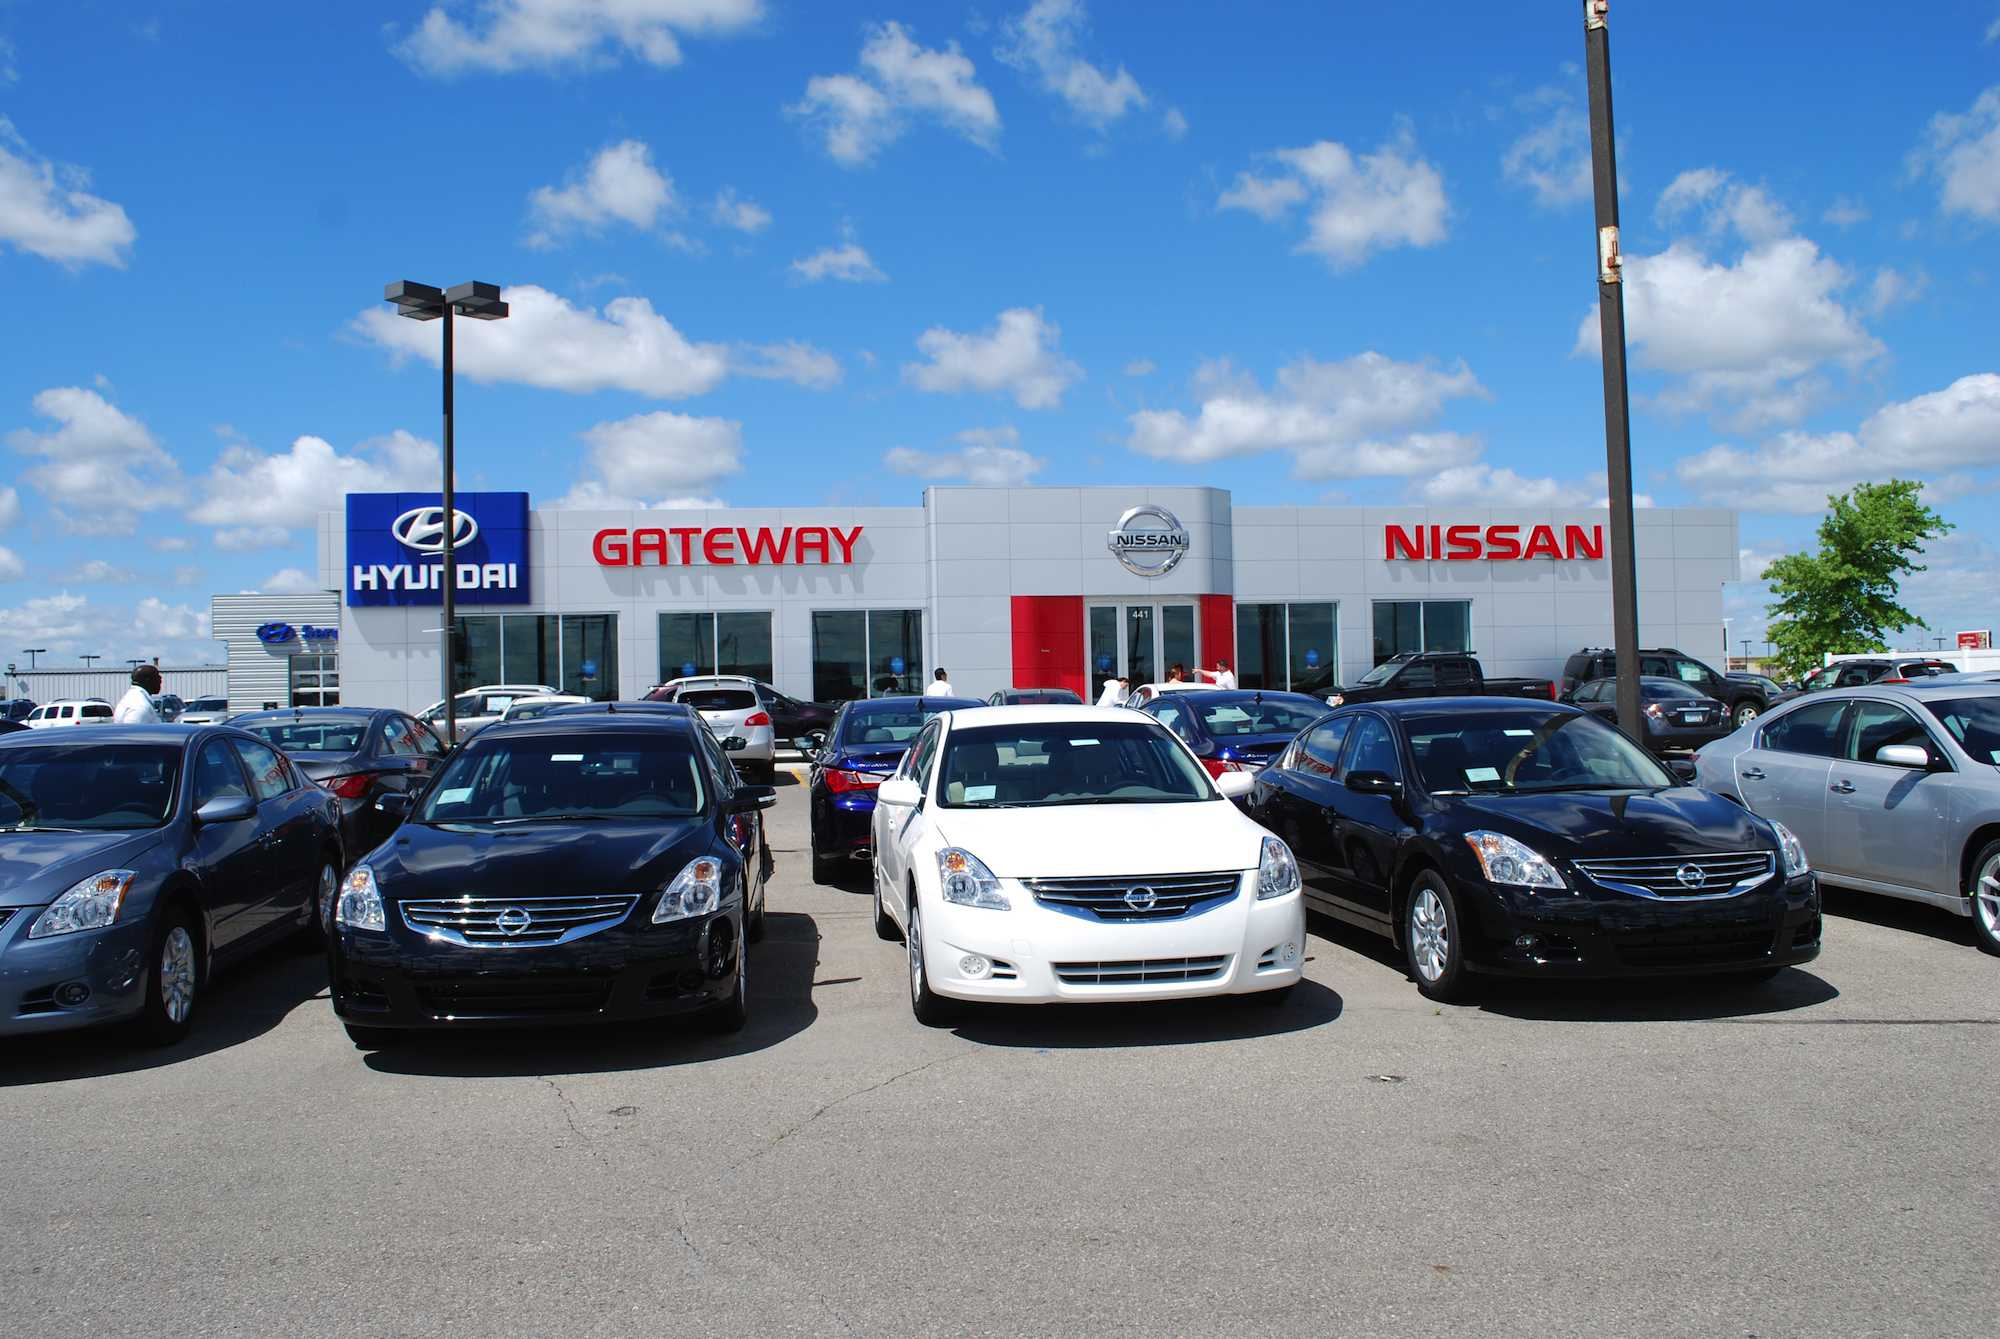 Gateway Nissan